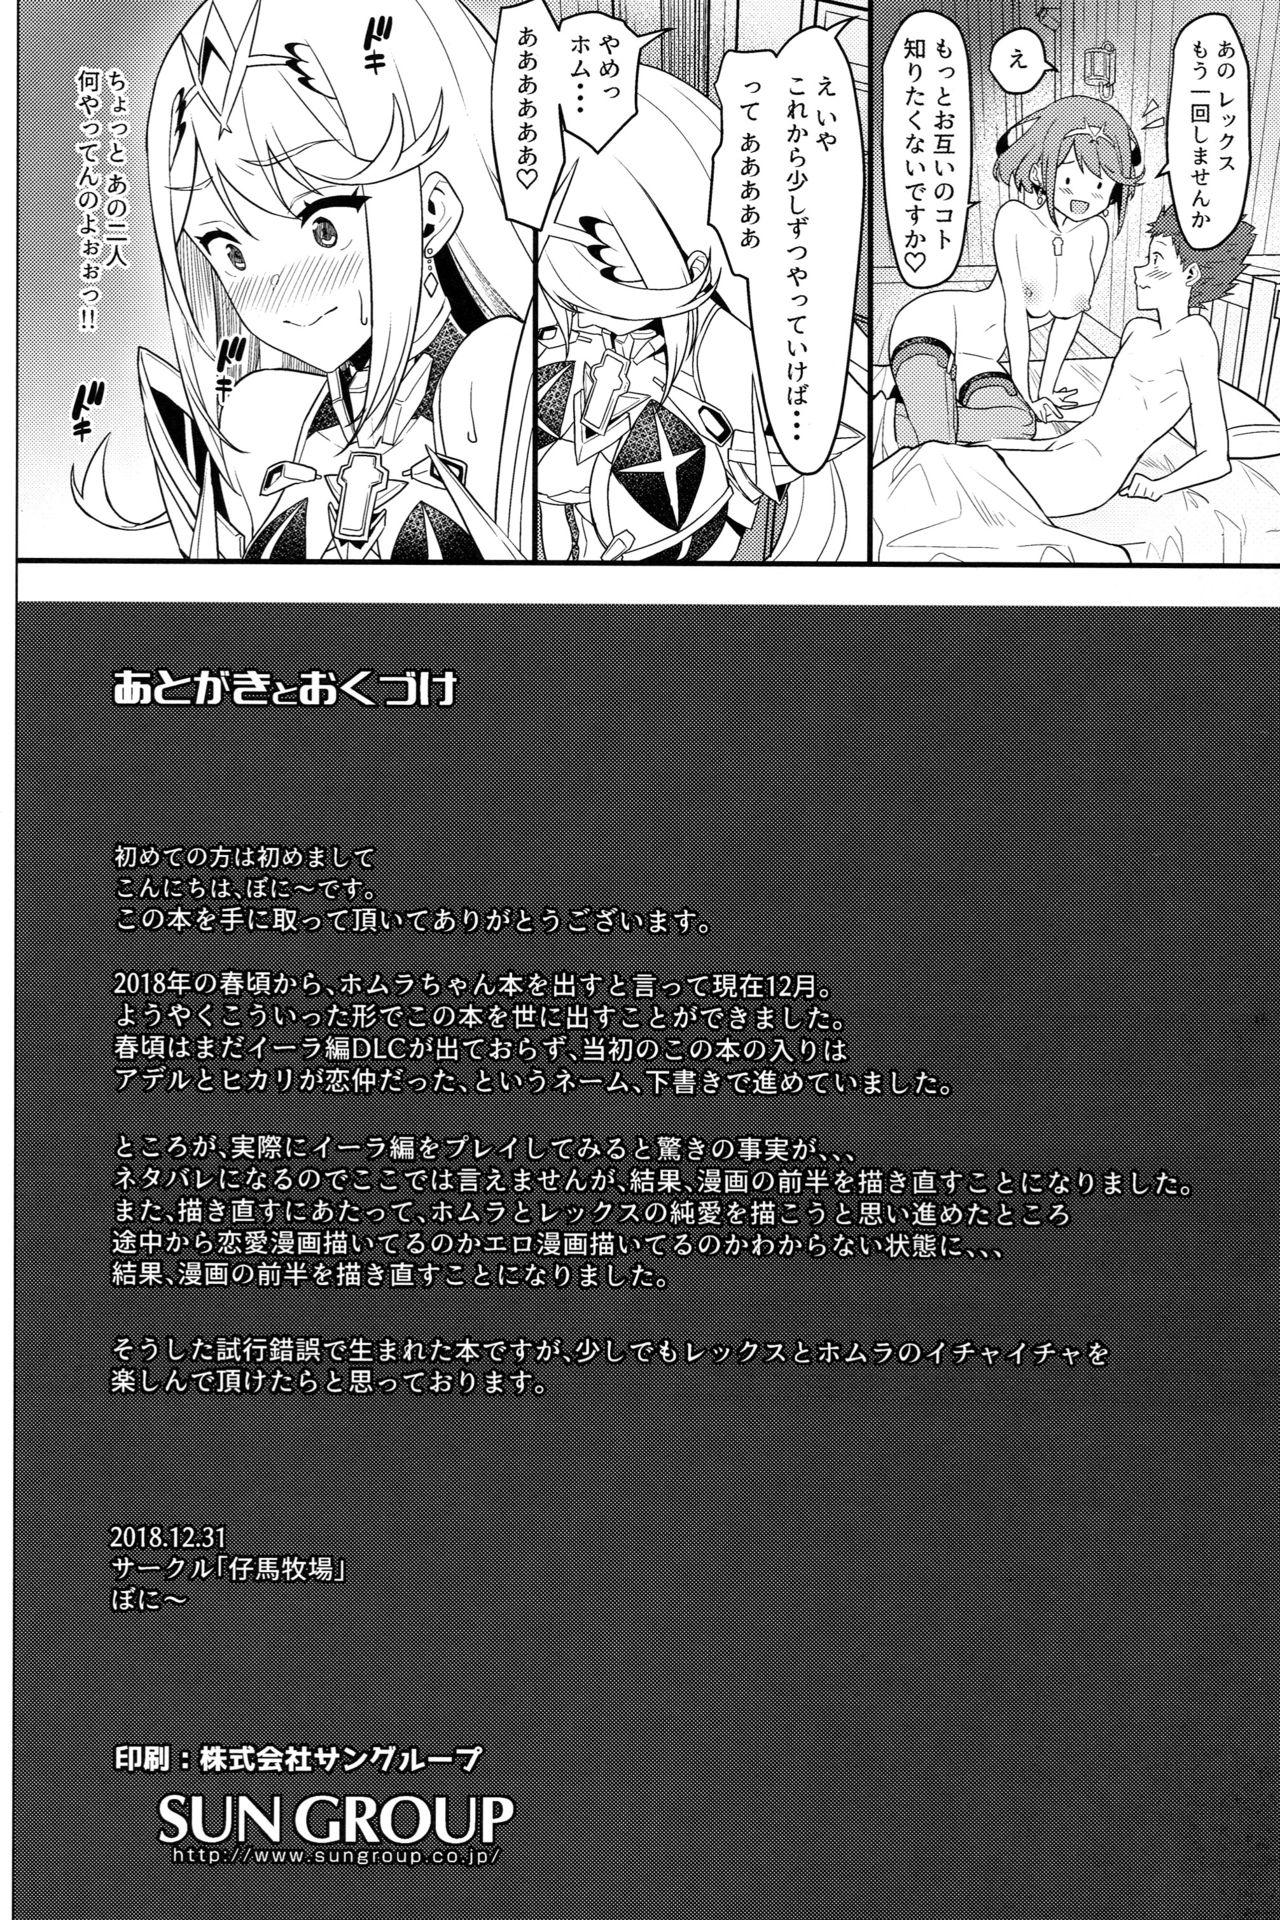 Chouyou no Naka e to 26